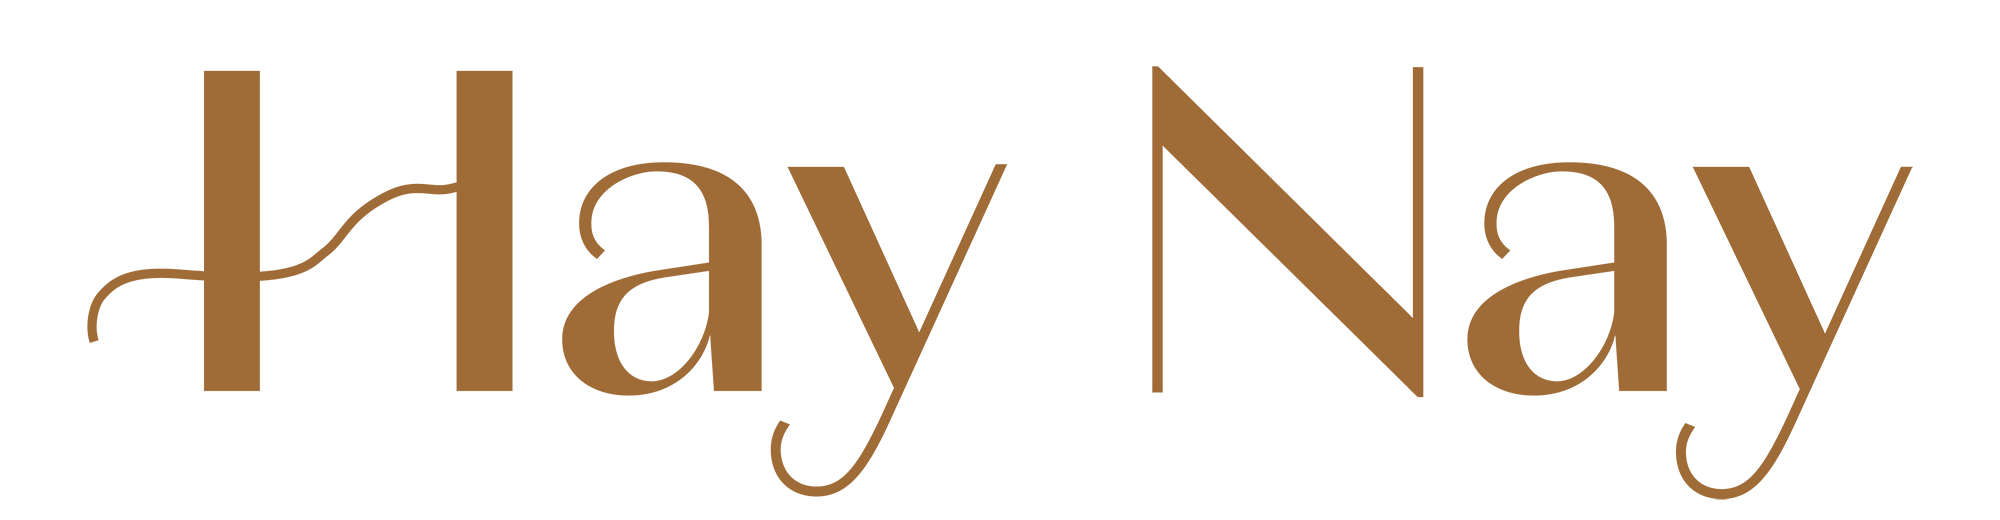 Hay Nay